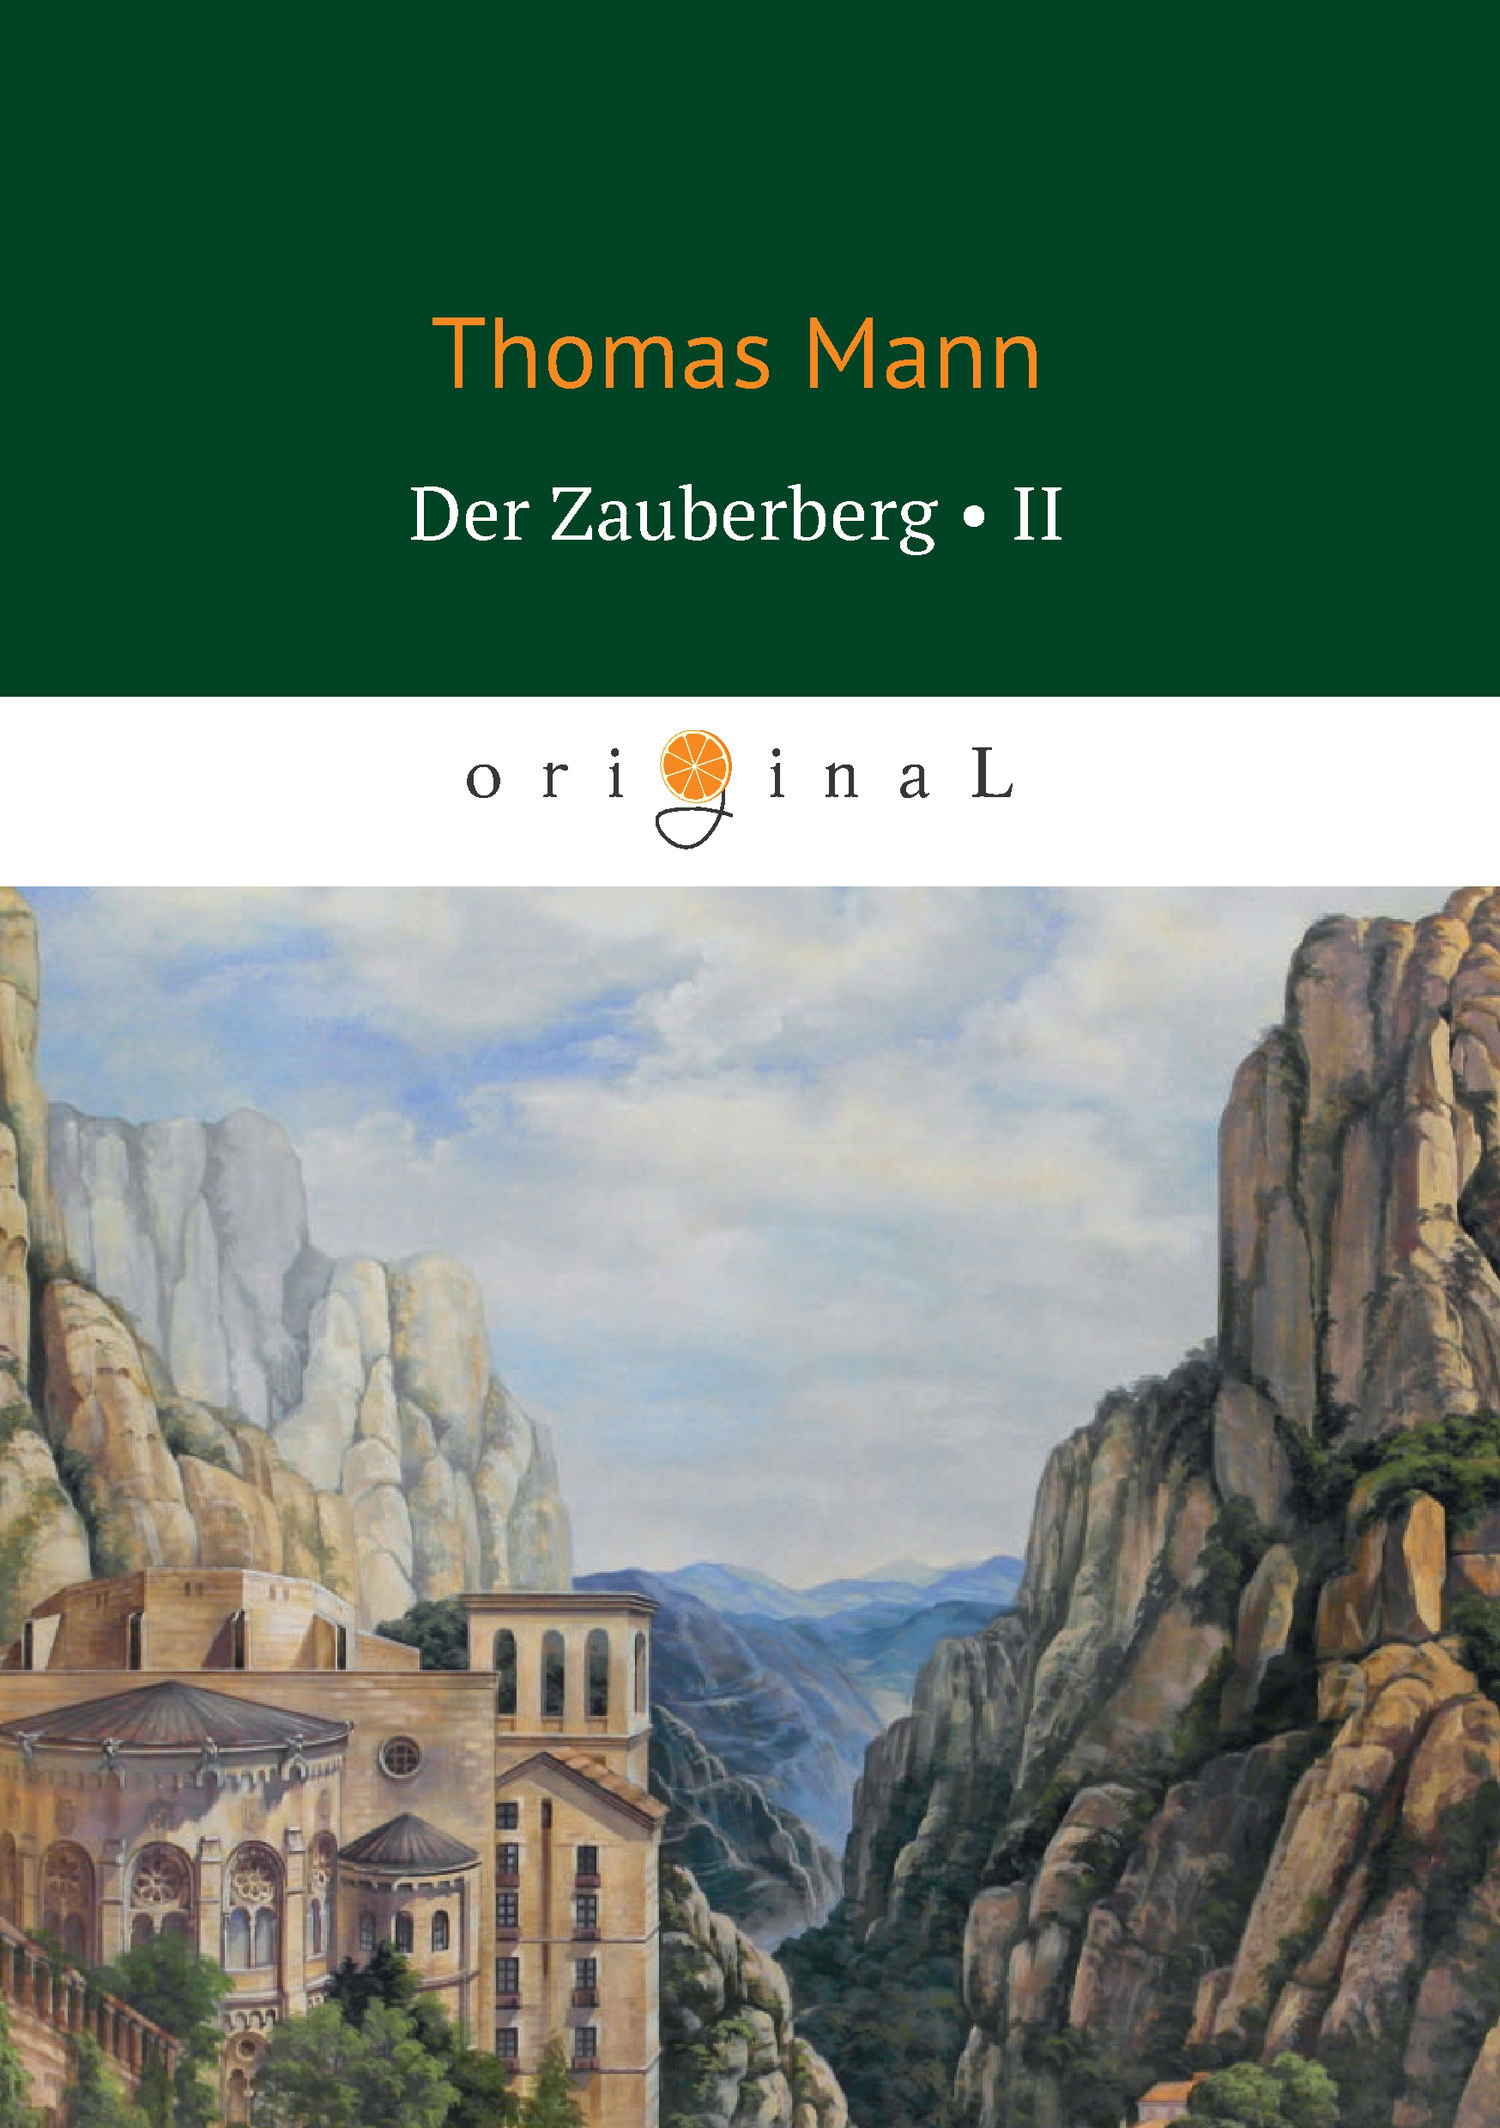 Томас Манн Der Zauberberg. Volume 2 ISBN: 978-5-521-06257-7, 978-5-521-05933-1 der zauberberg volume 1